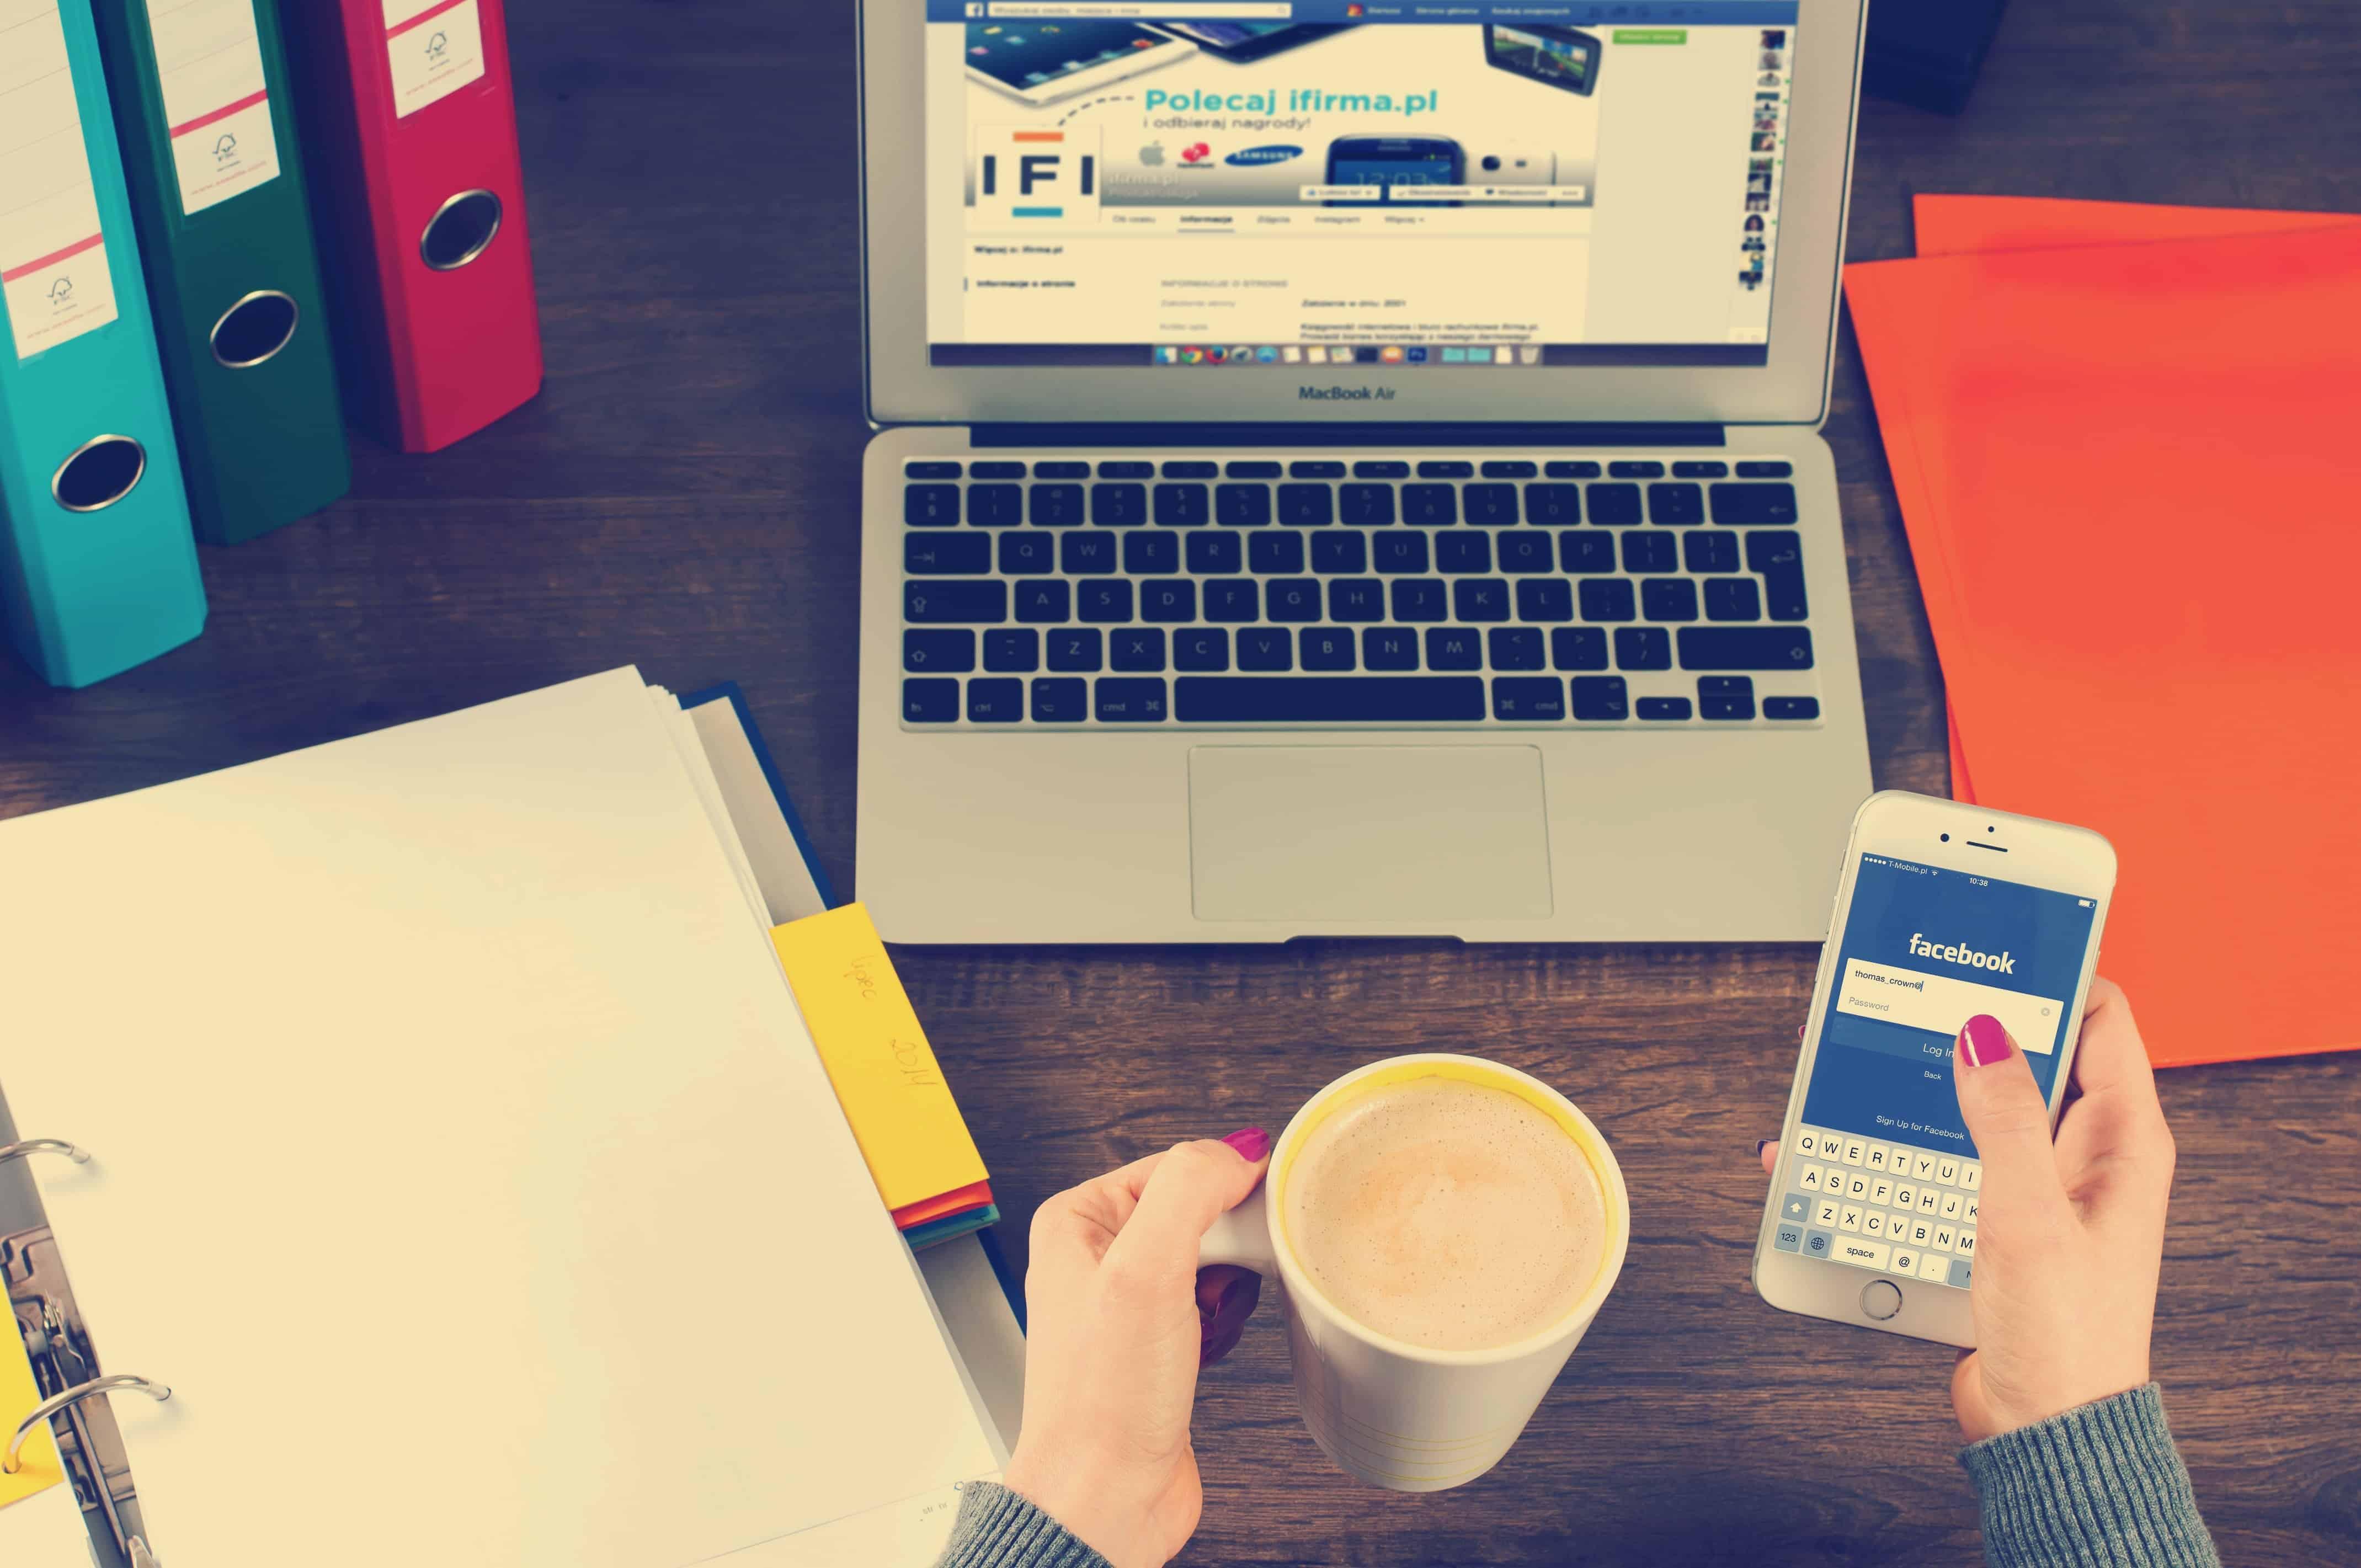 In che modo iSocial media possono aiutare la mia azienda?